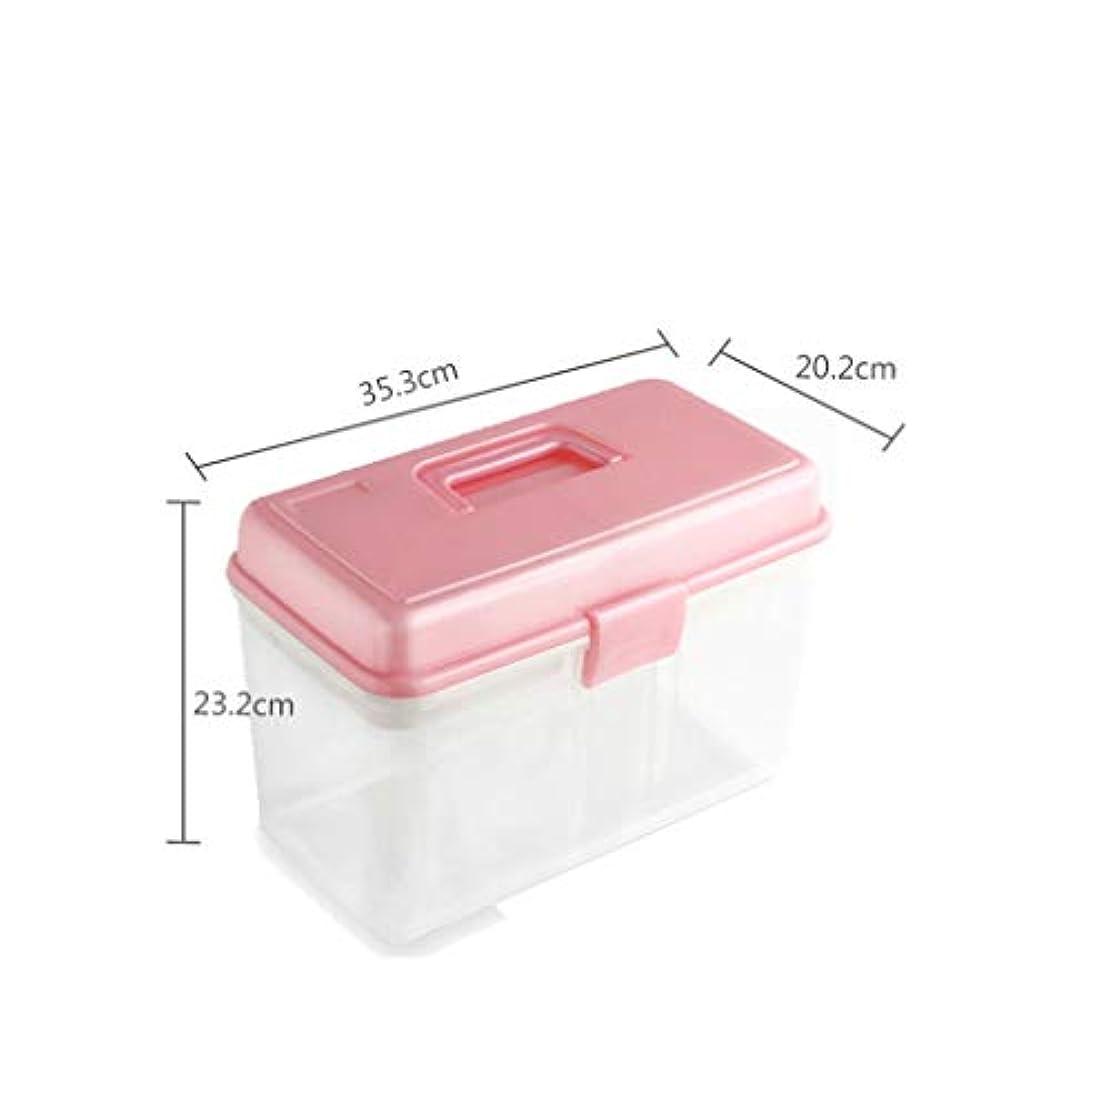 ハブ忠誠ヒゲクジラ家庭用薬箱こども救急箱薬収納箱医療箱家庭用小薬箱収納箱 薬箱 (Color : Pink, Size : 23.2cm×35.3cm×20.2cm)